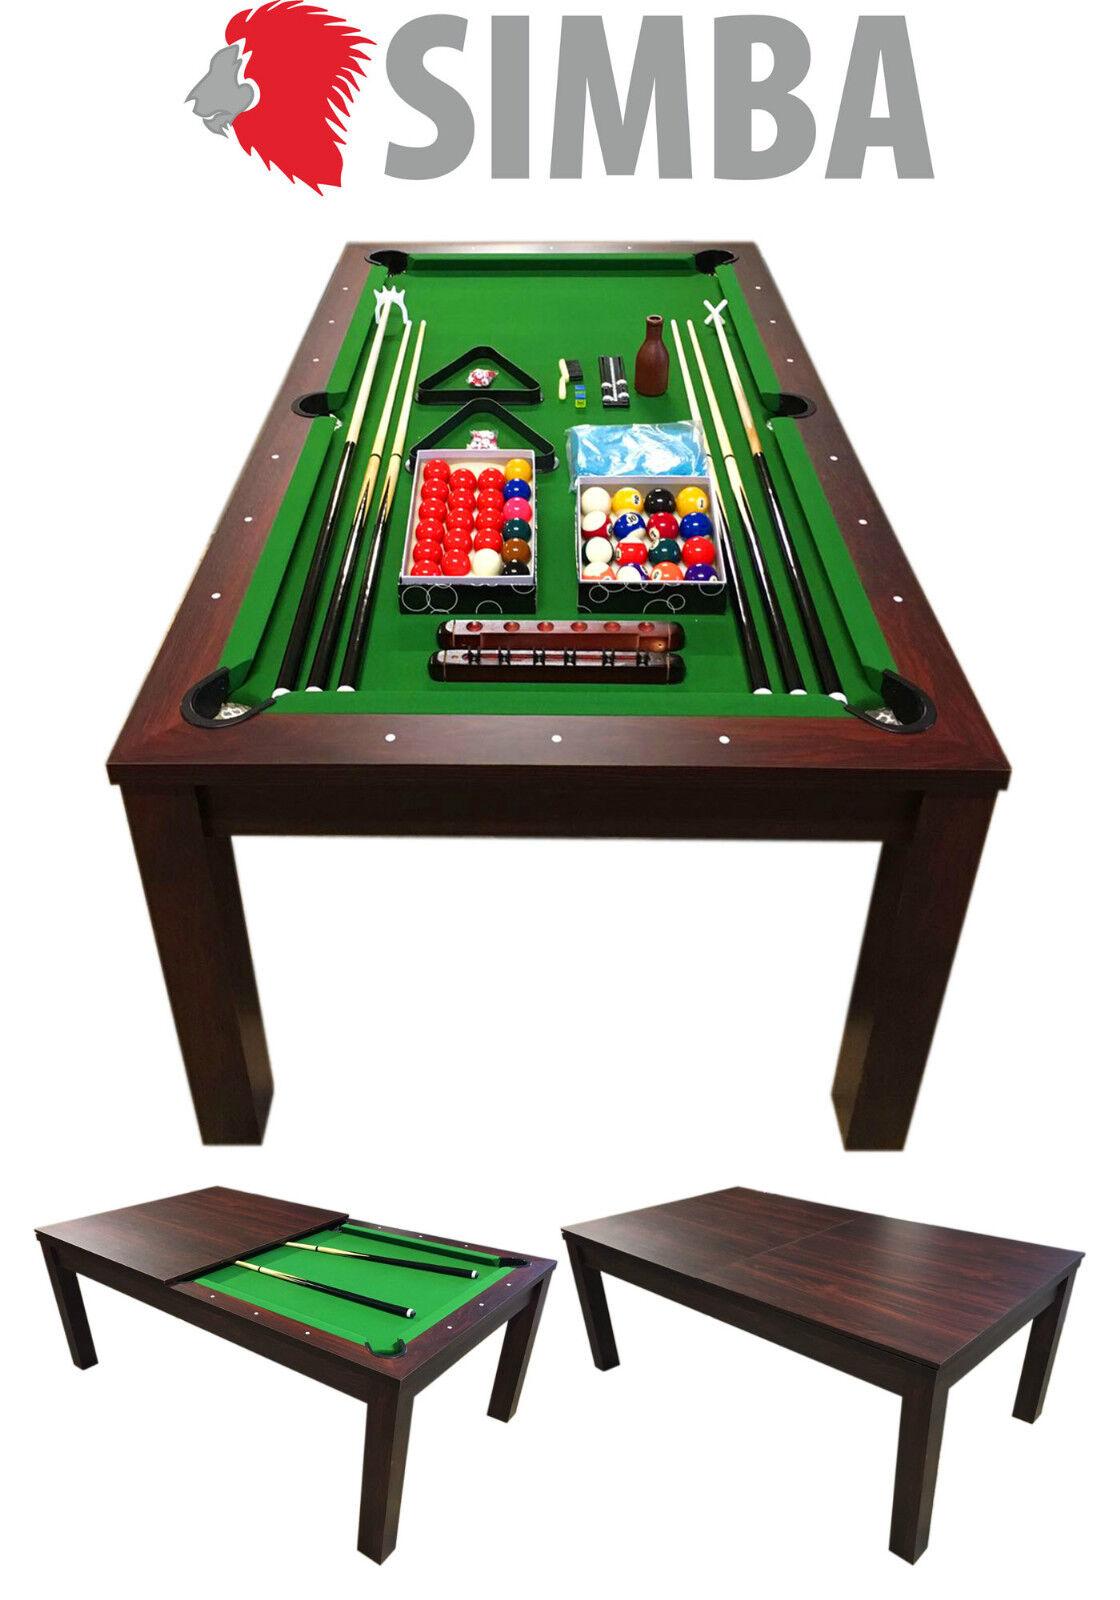 Mesa de billar 7 ft carambola Juegos billar con Plan de Cobertura verde STAR